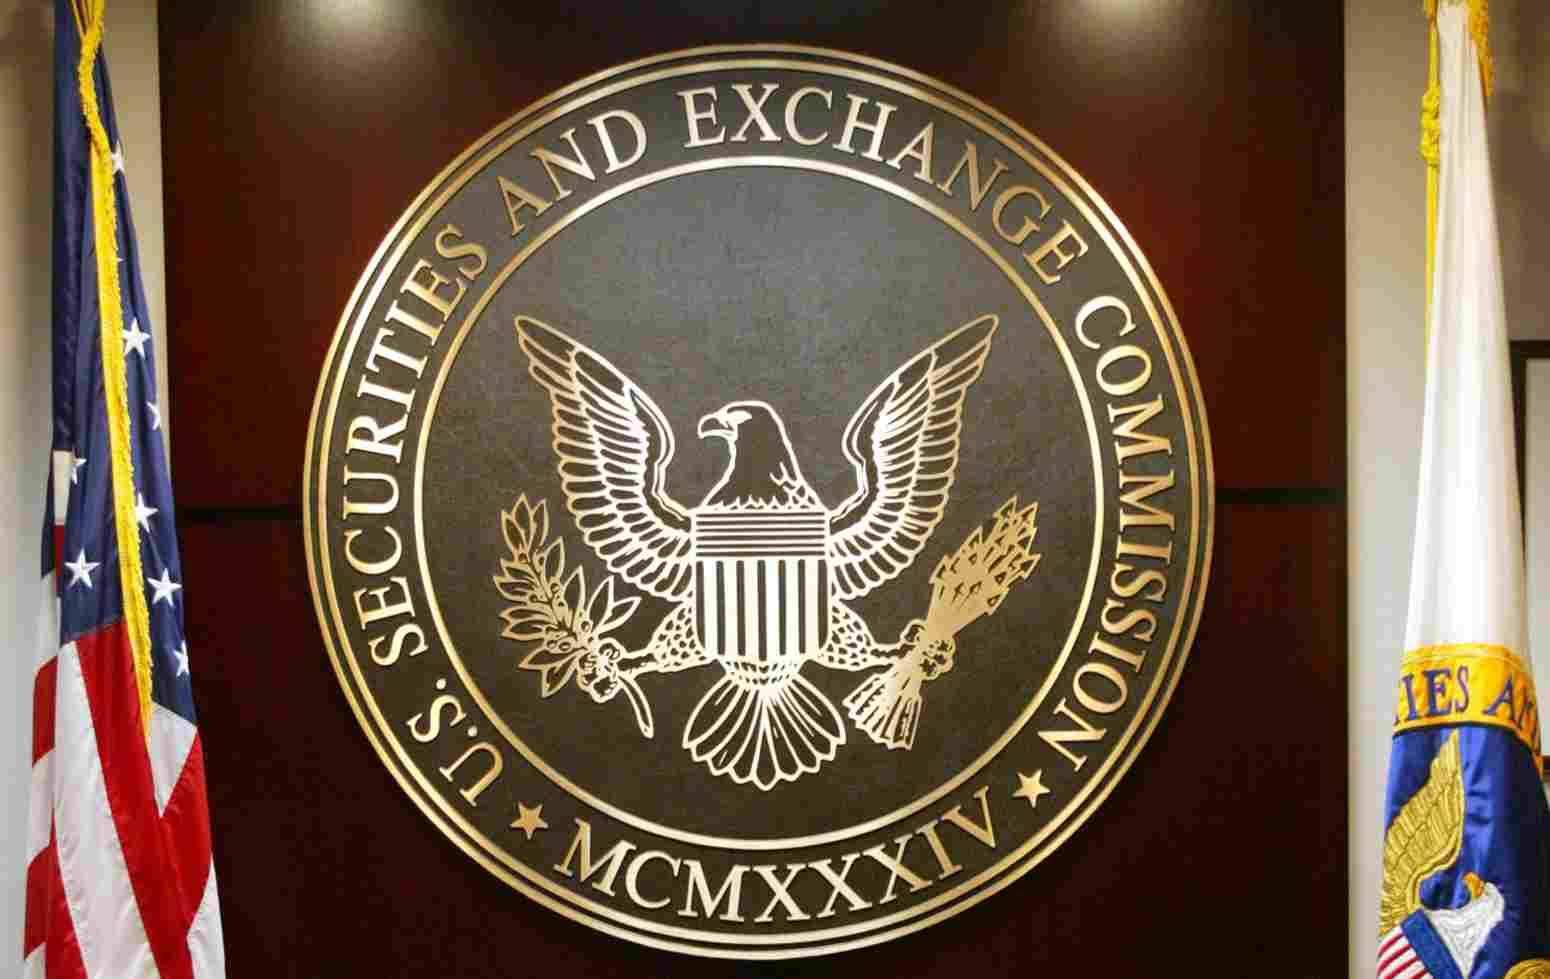 En un comunicado, la SEC anunció su decisión de ampliar el límite de financiación colectiva (crowdfunding) para empresas de criptomonedas.